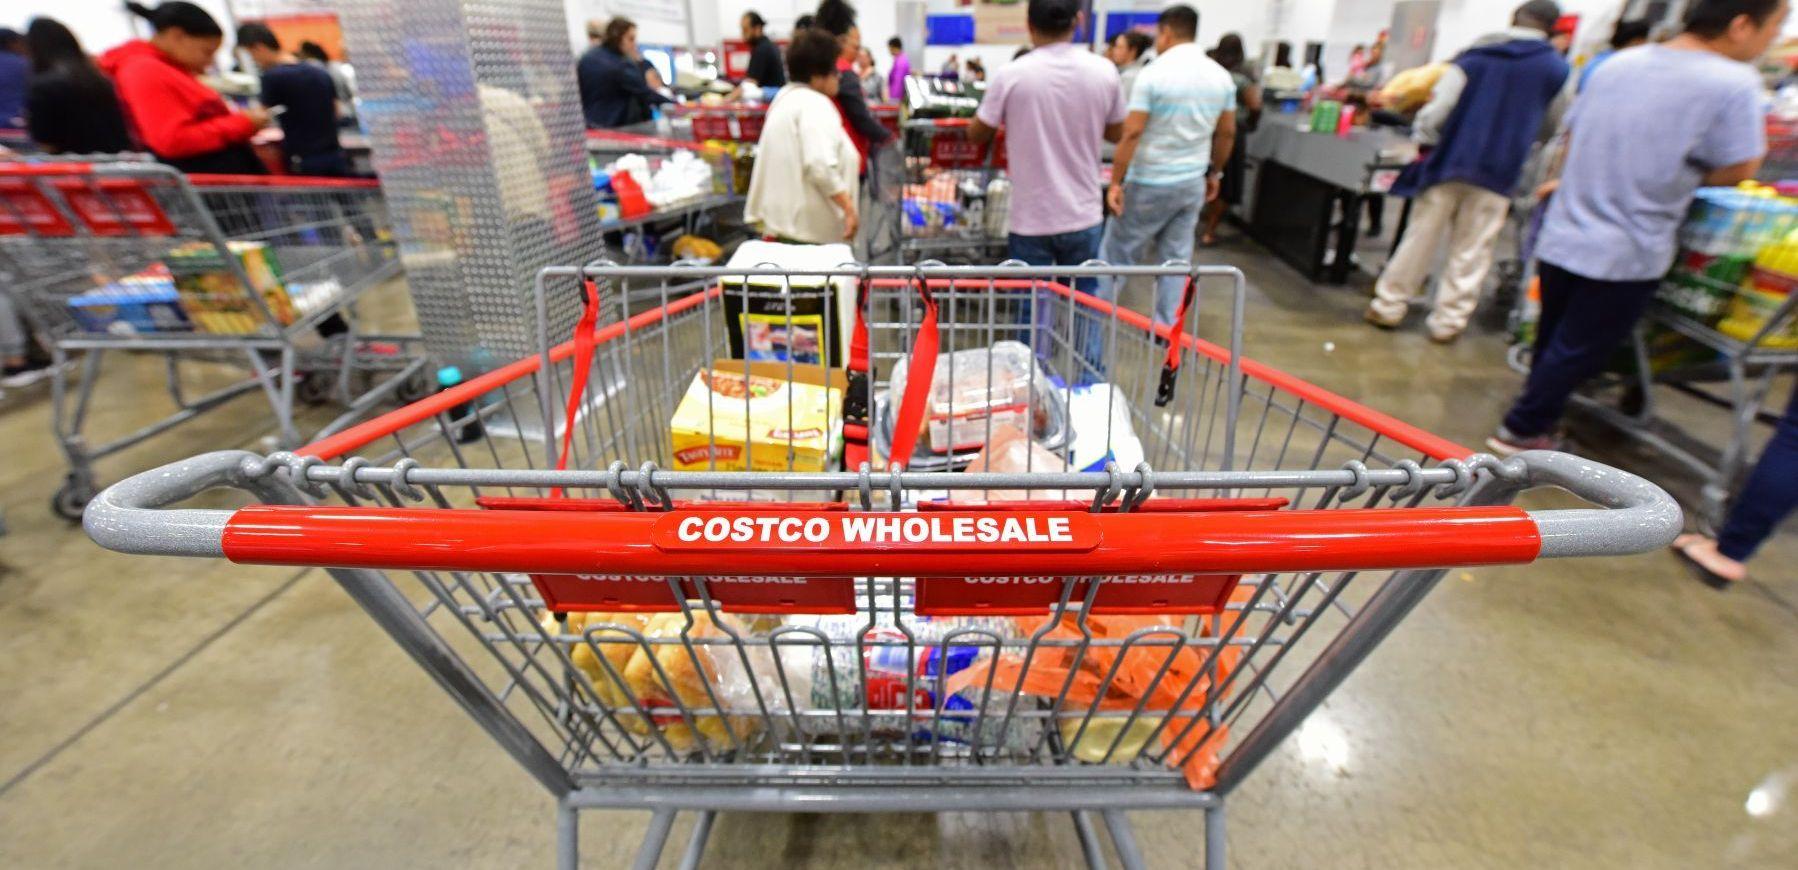 買一包抹布重複刷四次 他在好市多購物多付1800元